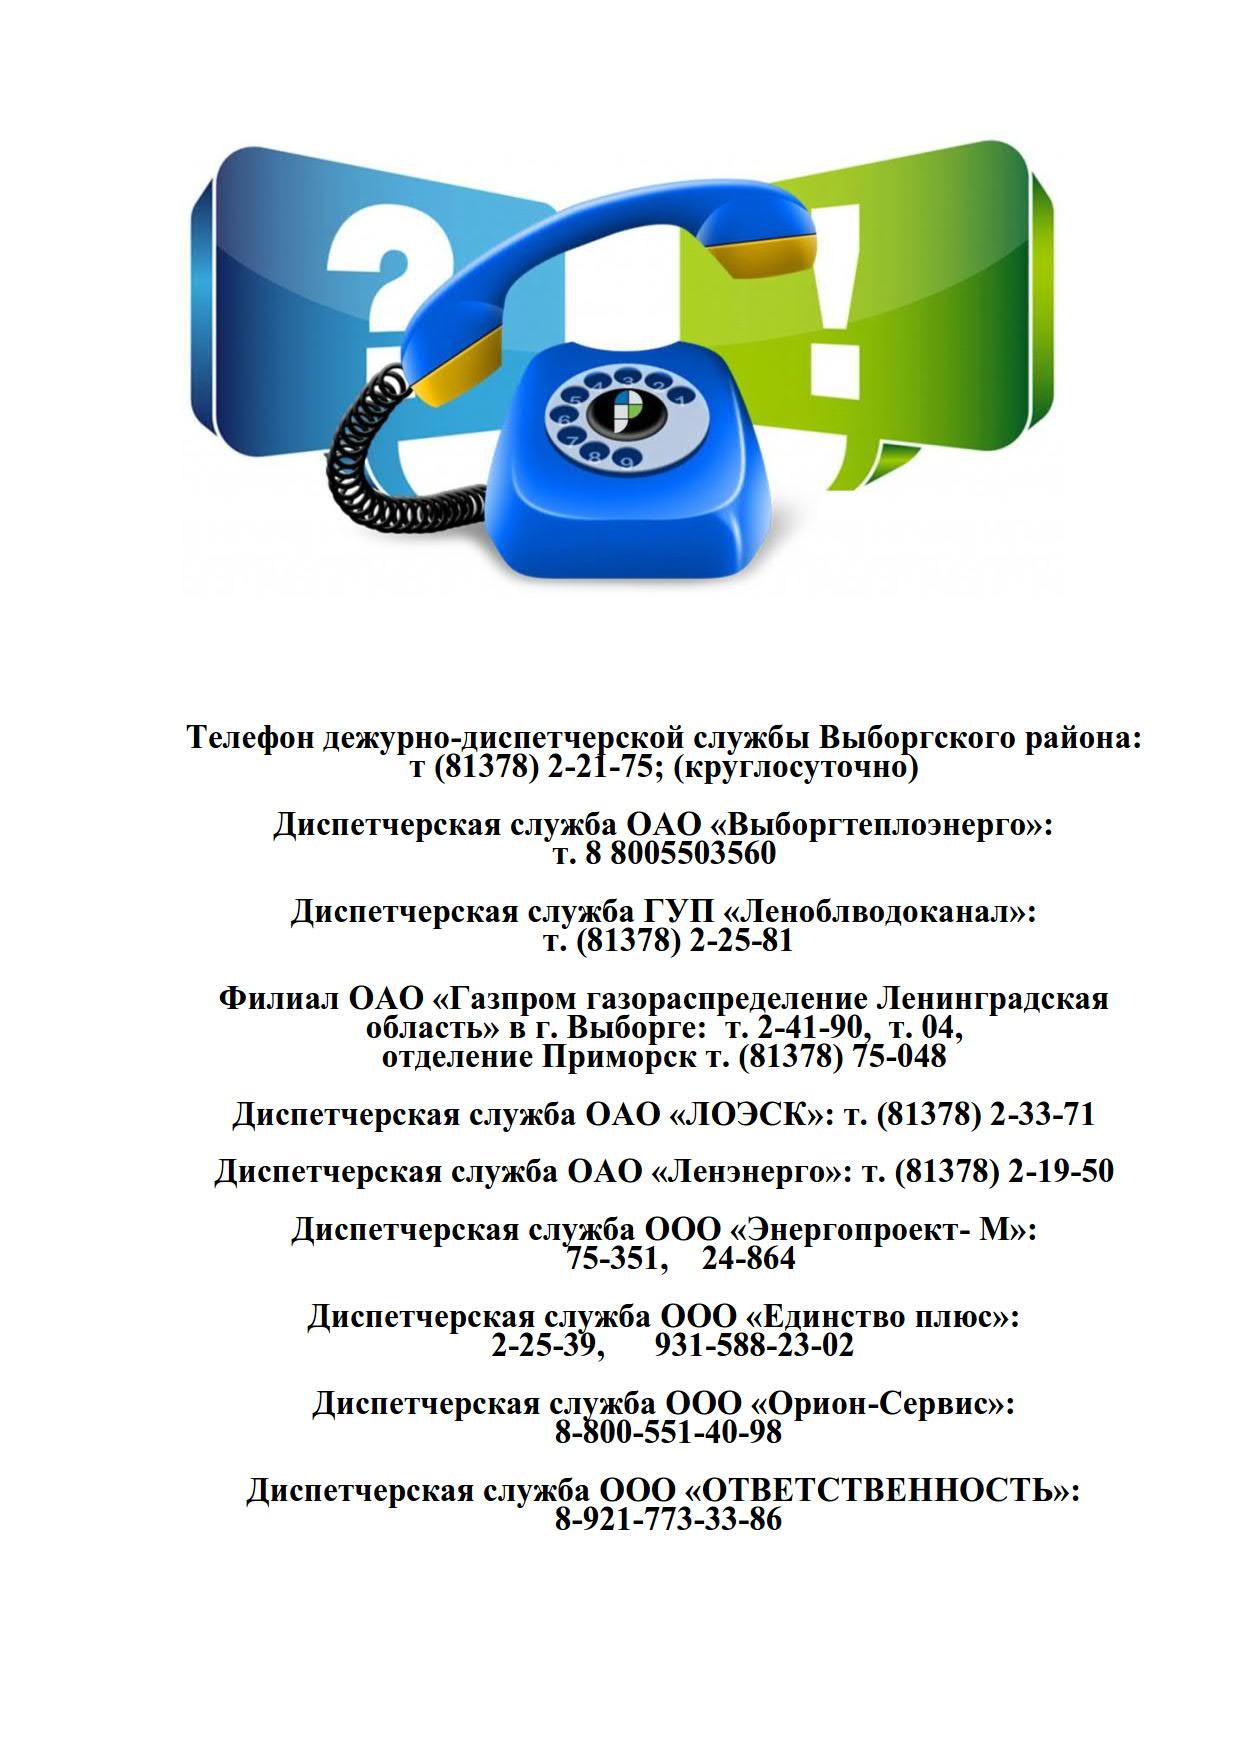 ТЕЛ ДИСПЕТЧЕР СЛУЖБ_1